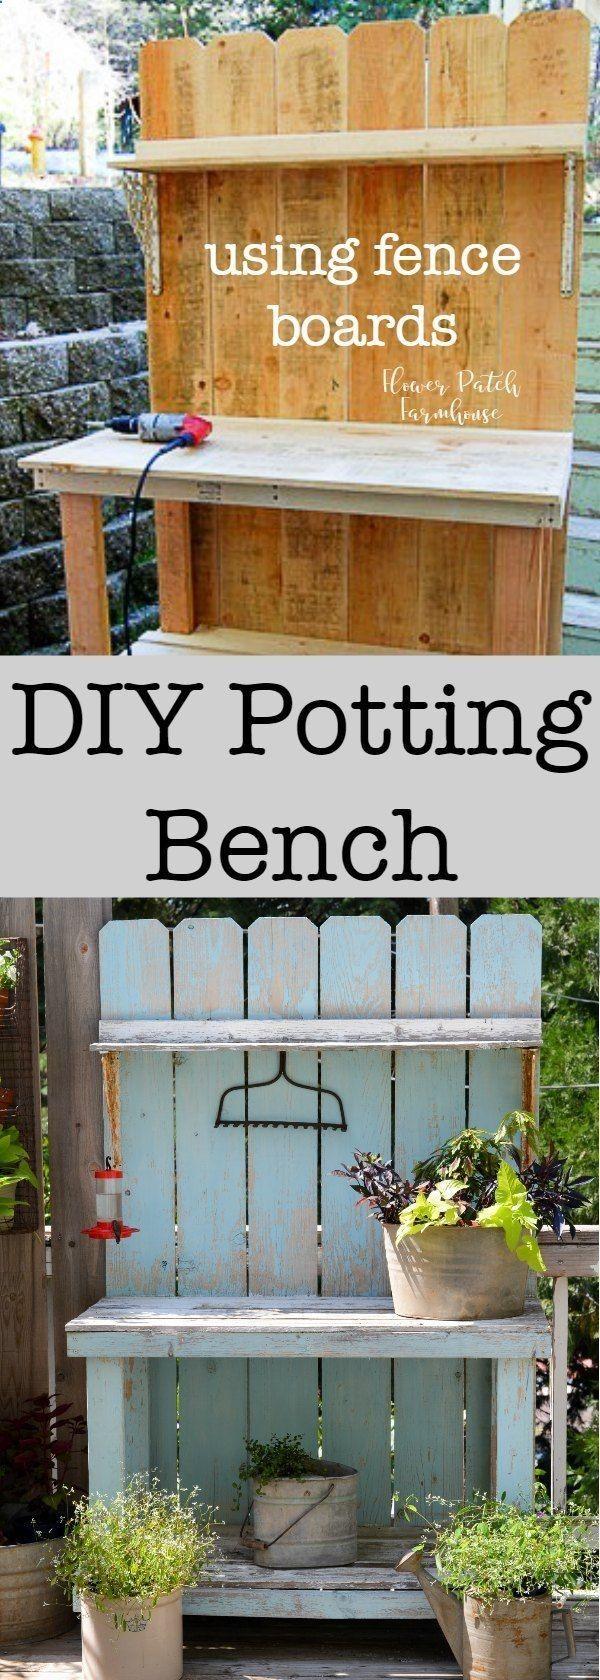 Shed DIY DIY Potting Bench using